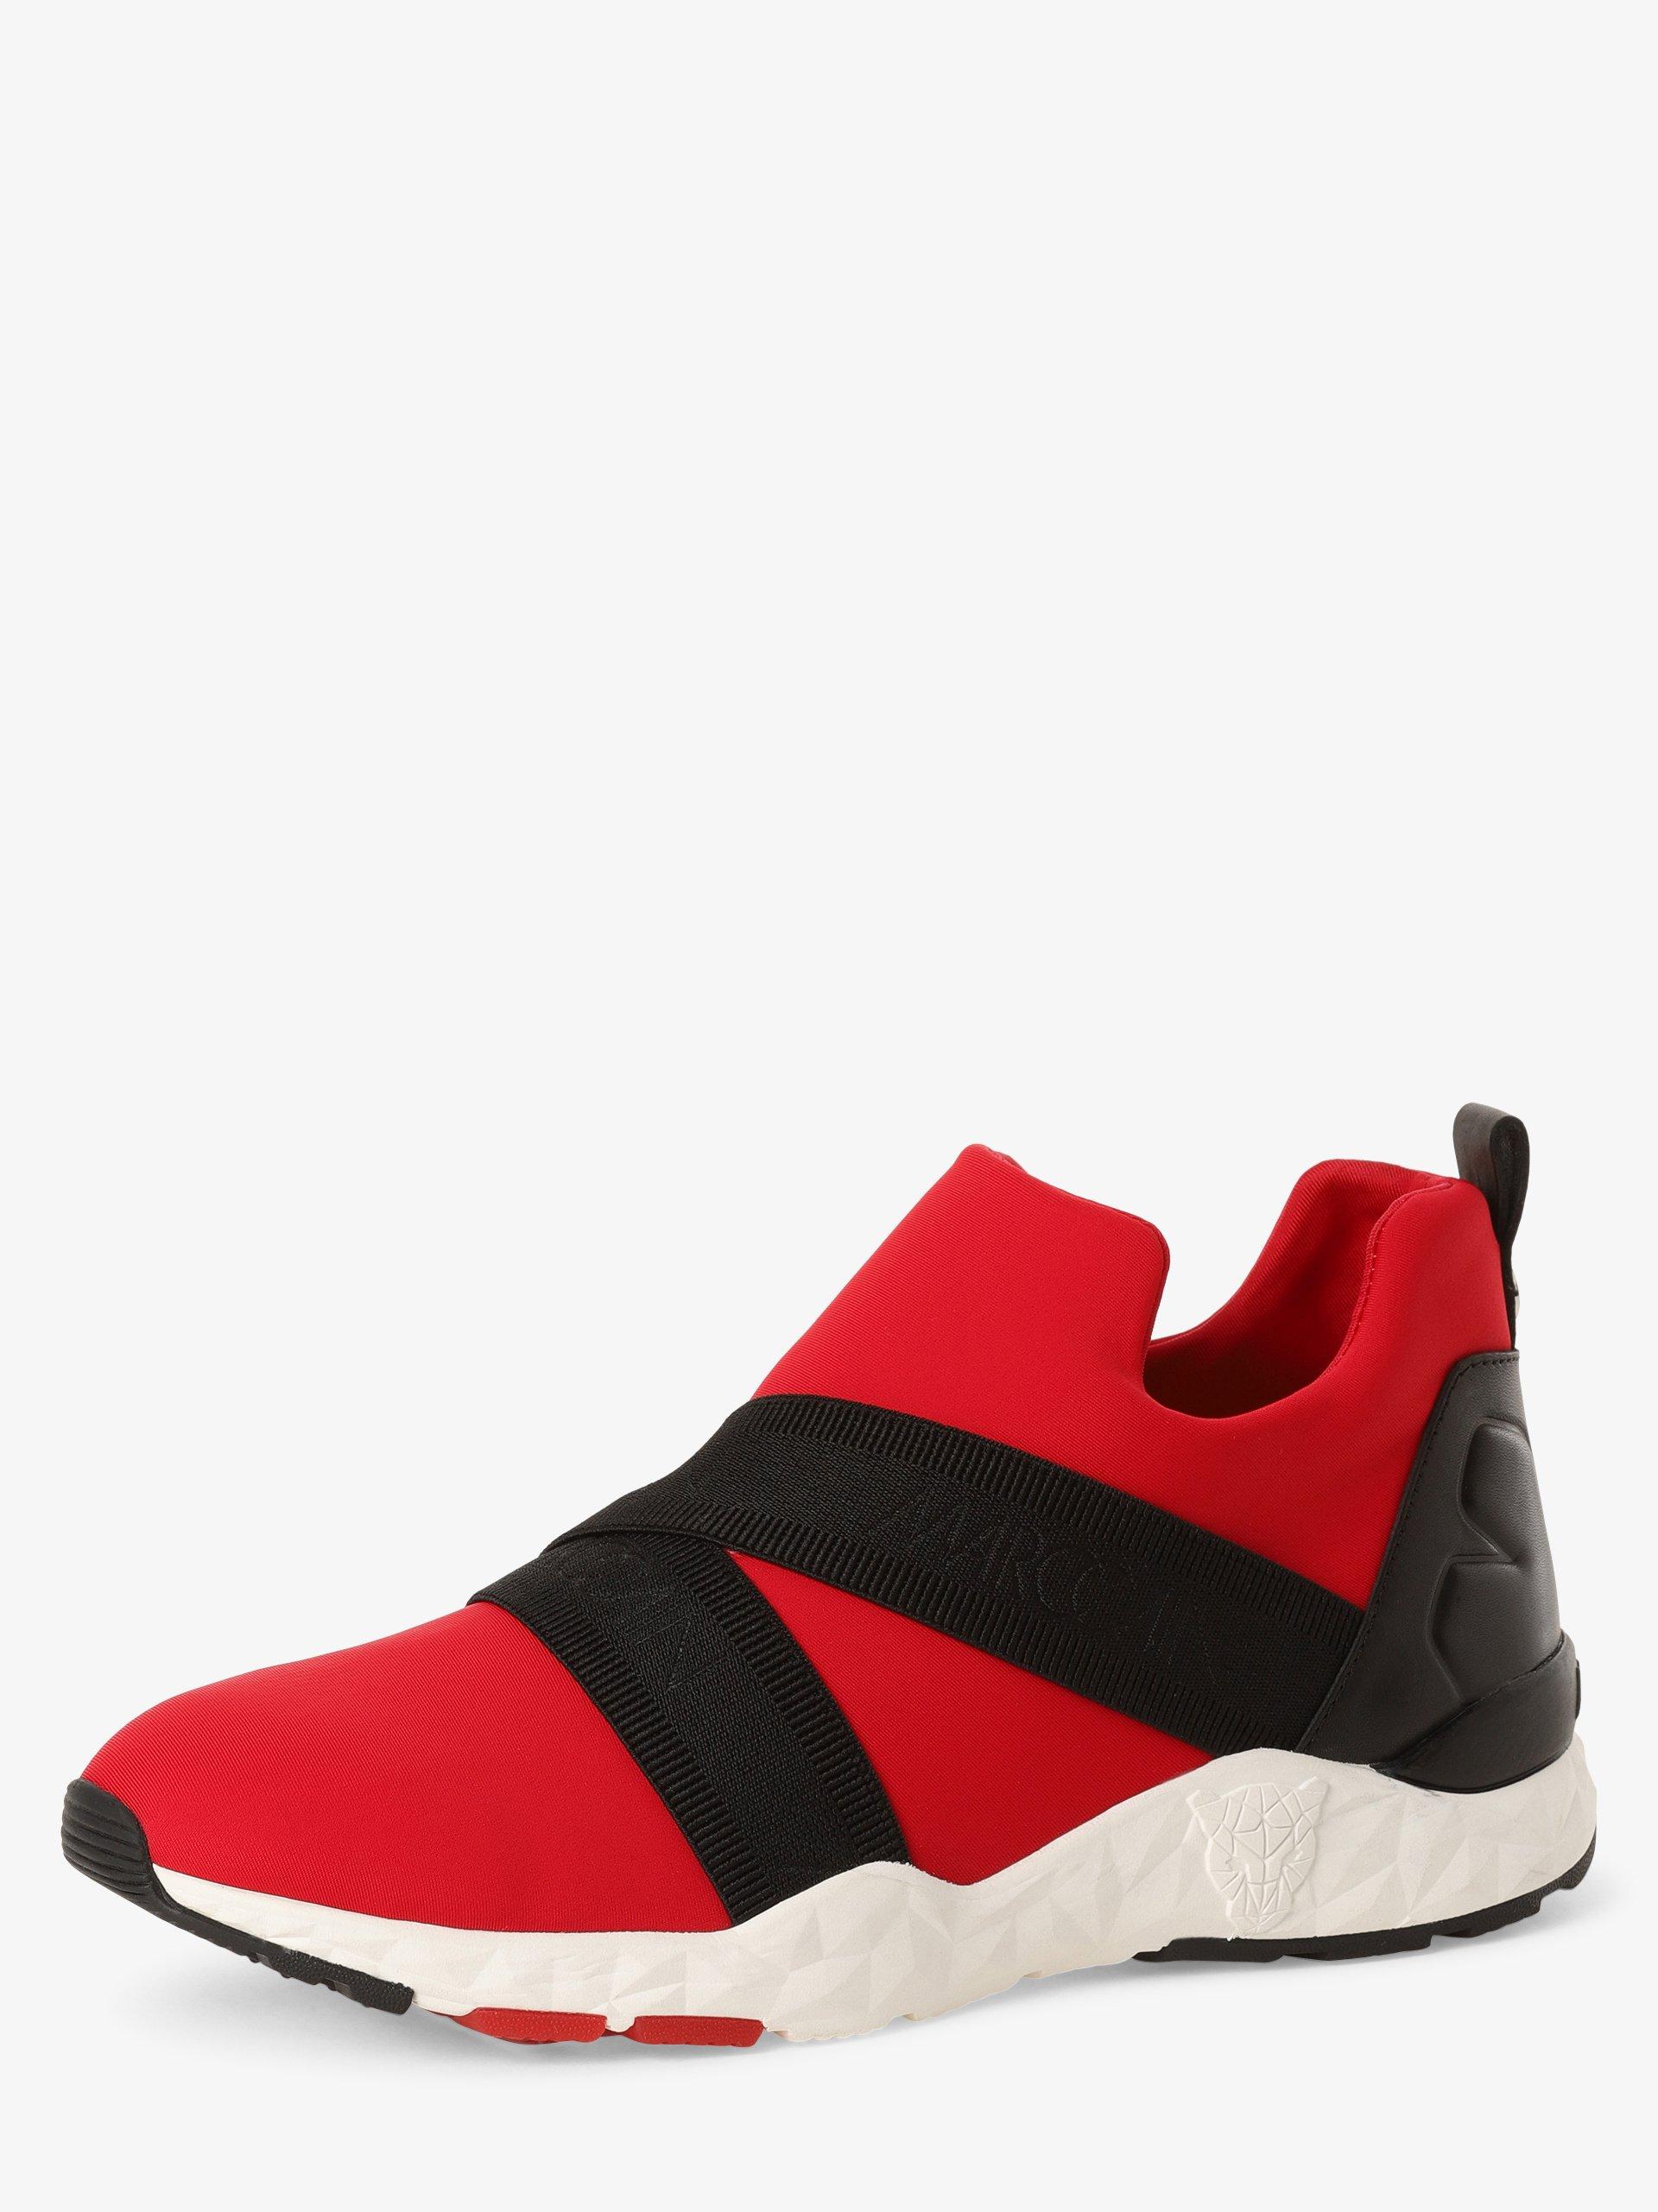 Marc Cain Bags & Shoes Tenisówki damskie z dodatkiem skóry